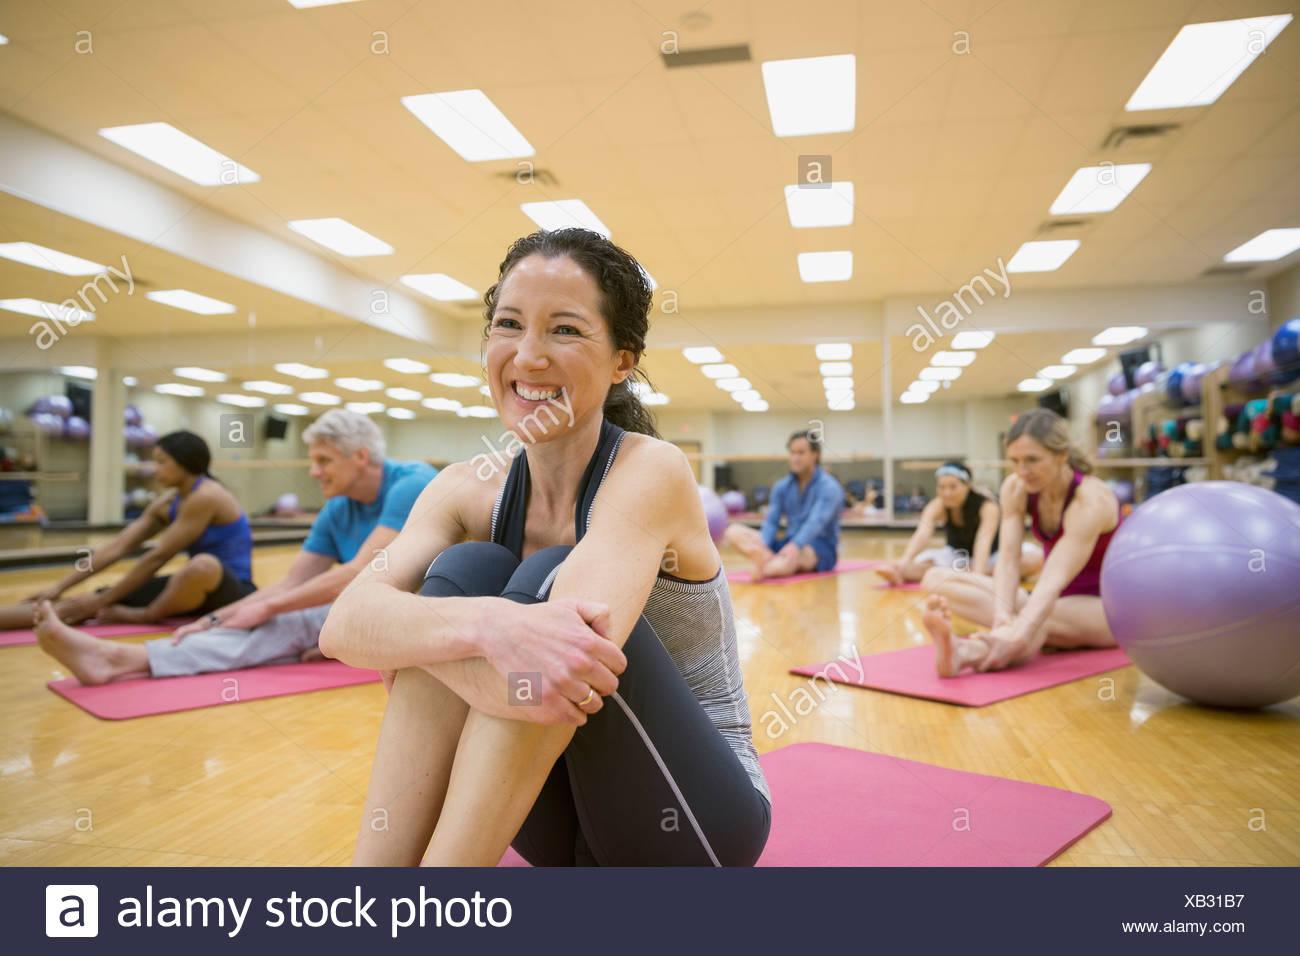 Femme sur un tapis de yoga en classe d'exercice Photo Stock